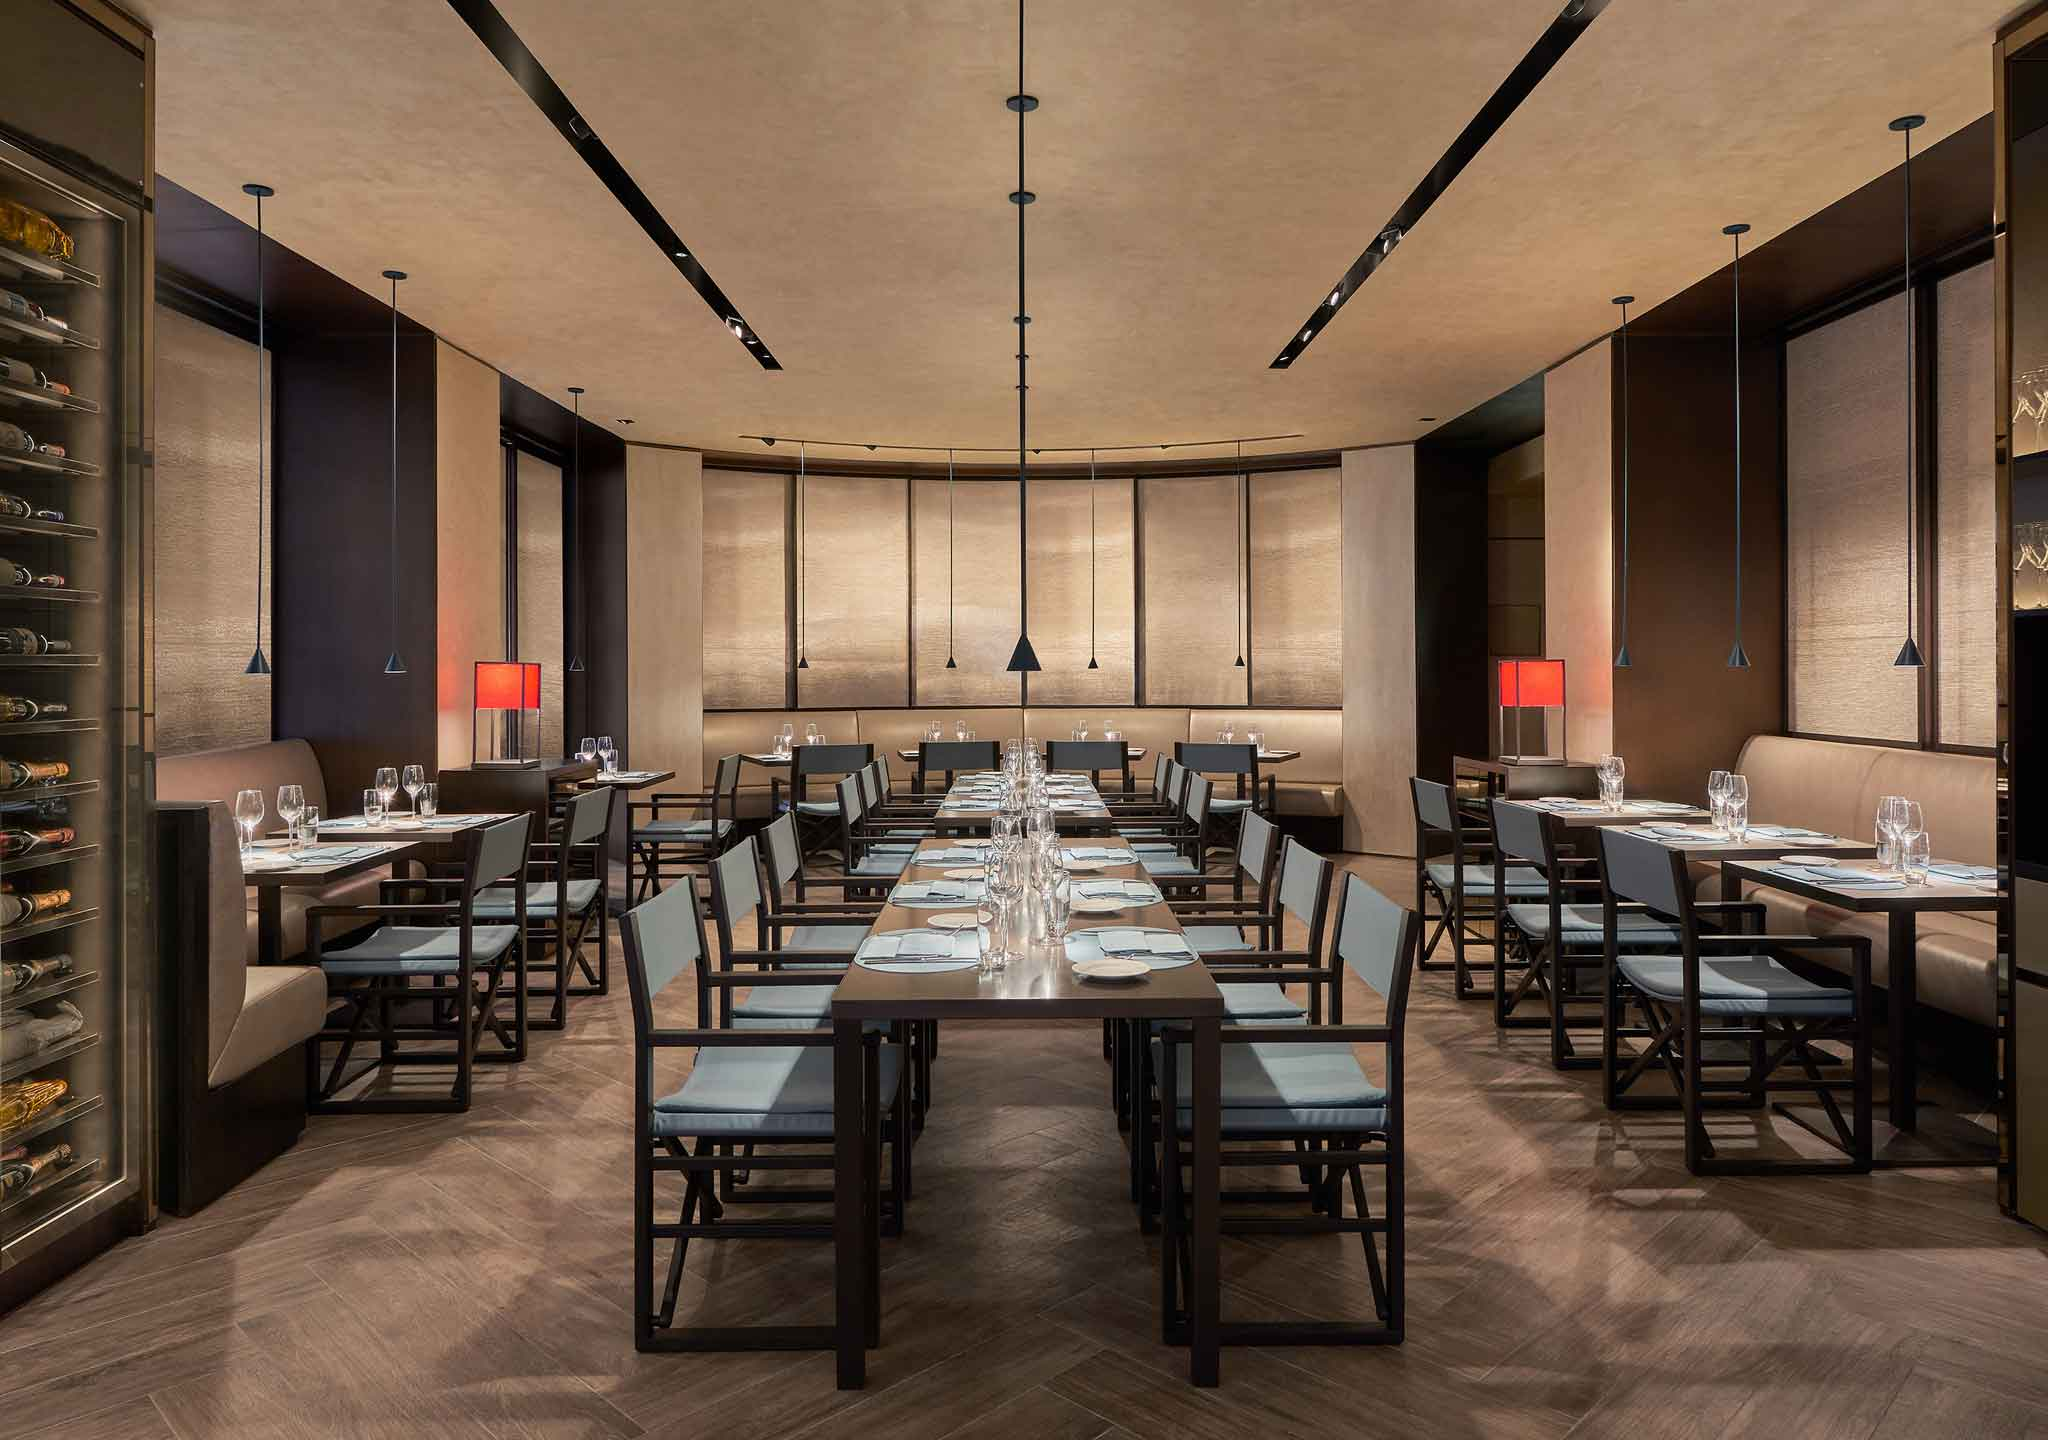 Bologna come si mangia al nuovo ristorante emporio armani for Ristorante il rosso bologna